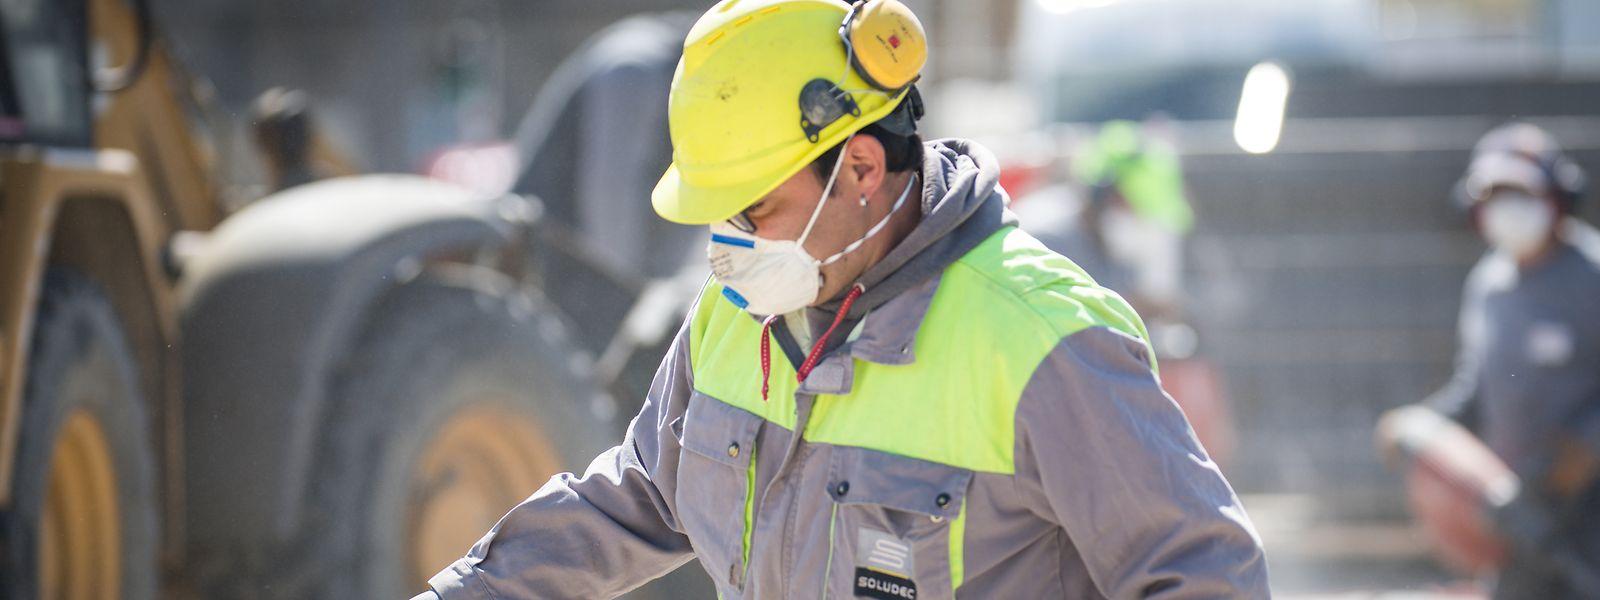 Maskenpflicht am Arbeitsplatz bräuchte es nicht, wenn alle Mitarbeiter geimpft, genesen oder negativ getestet sind.